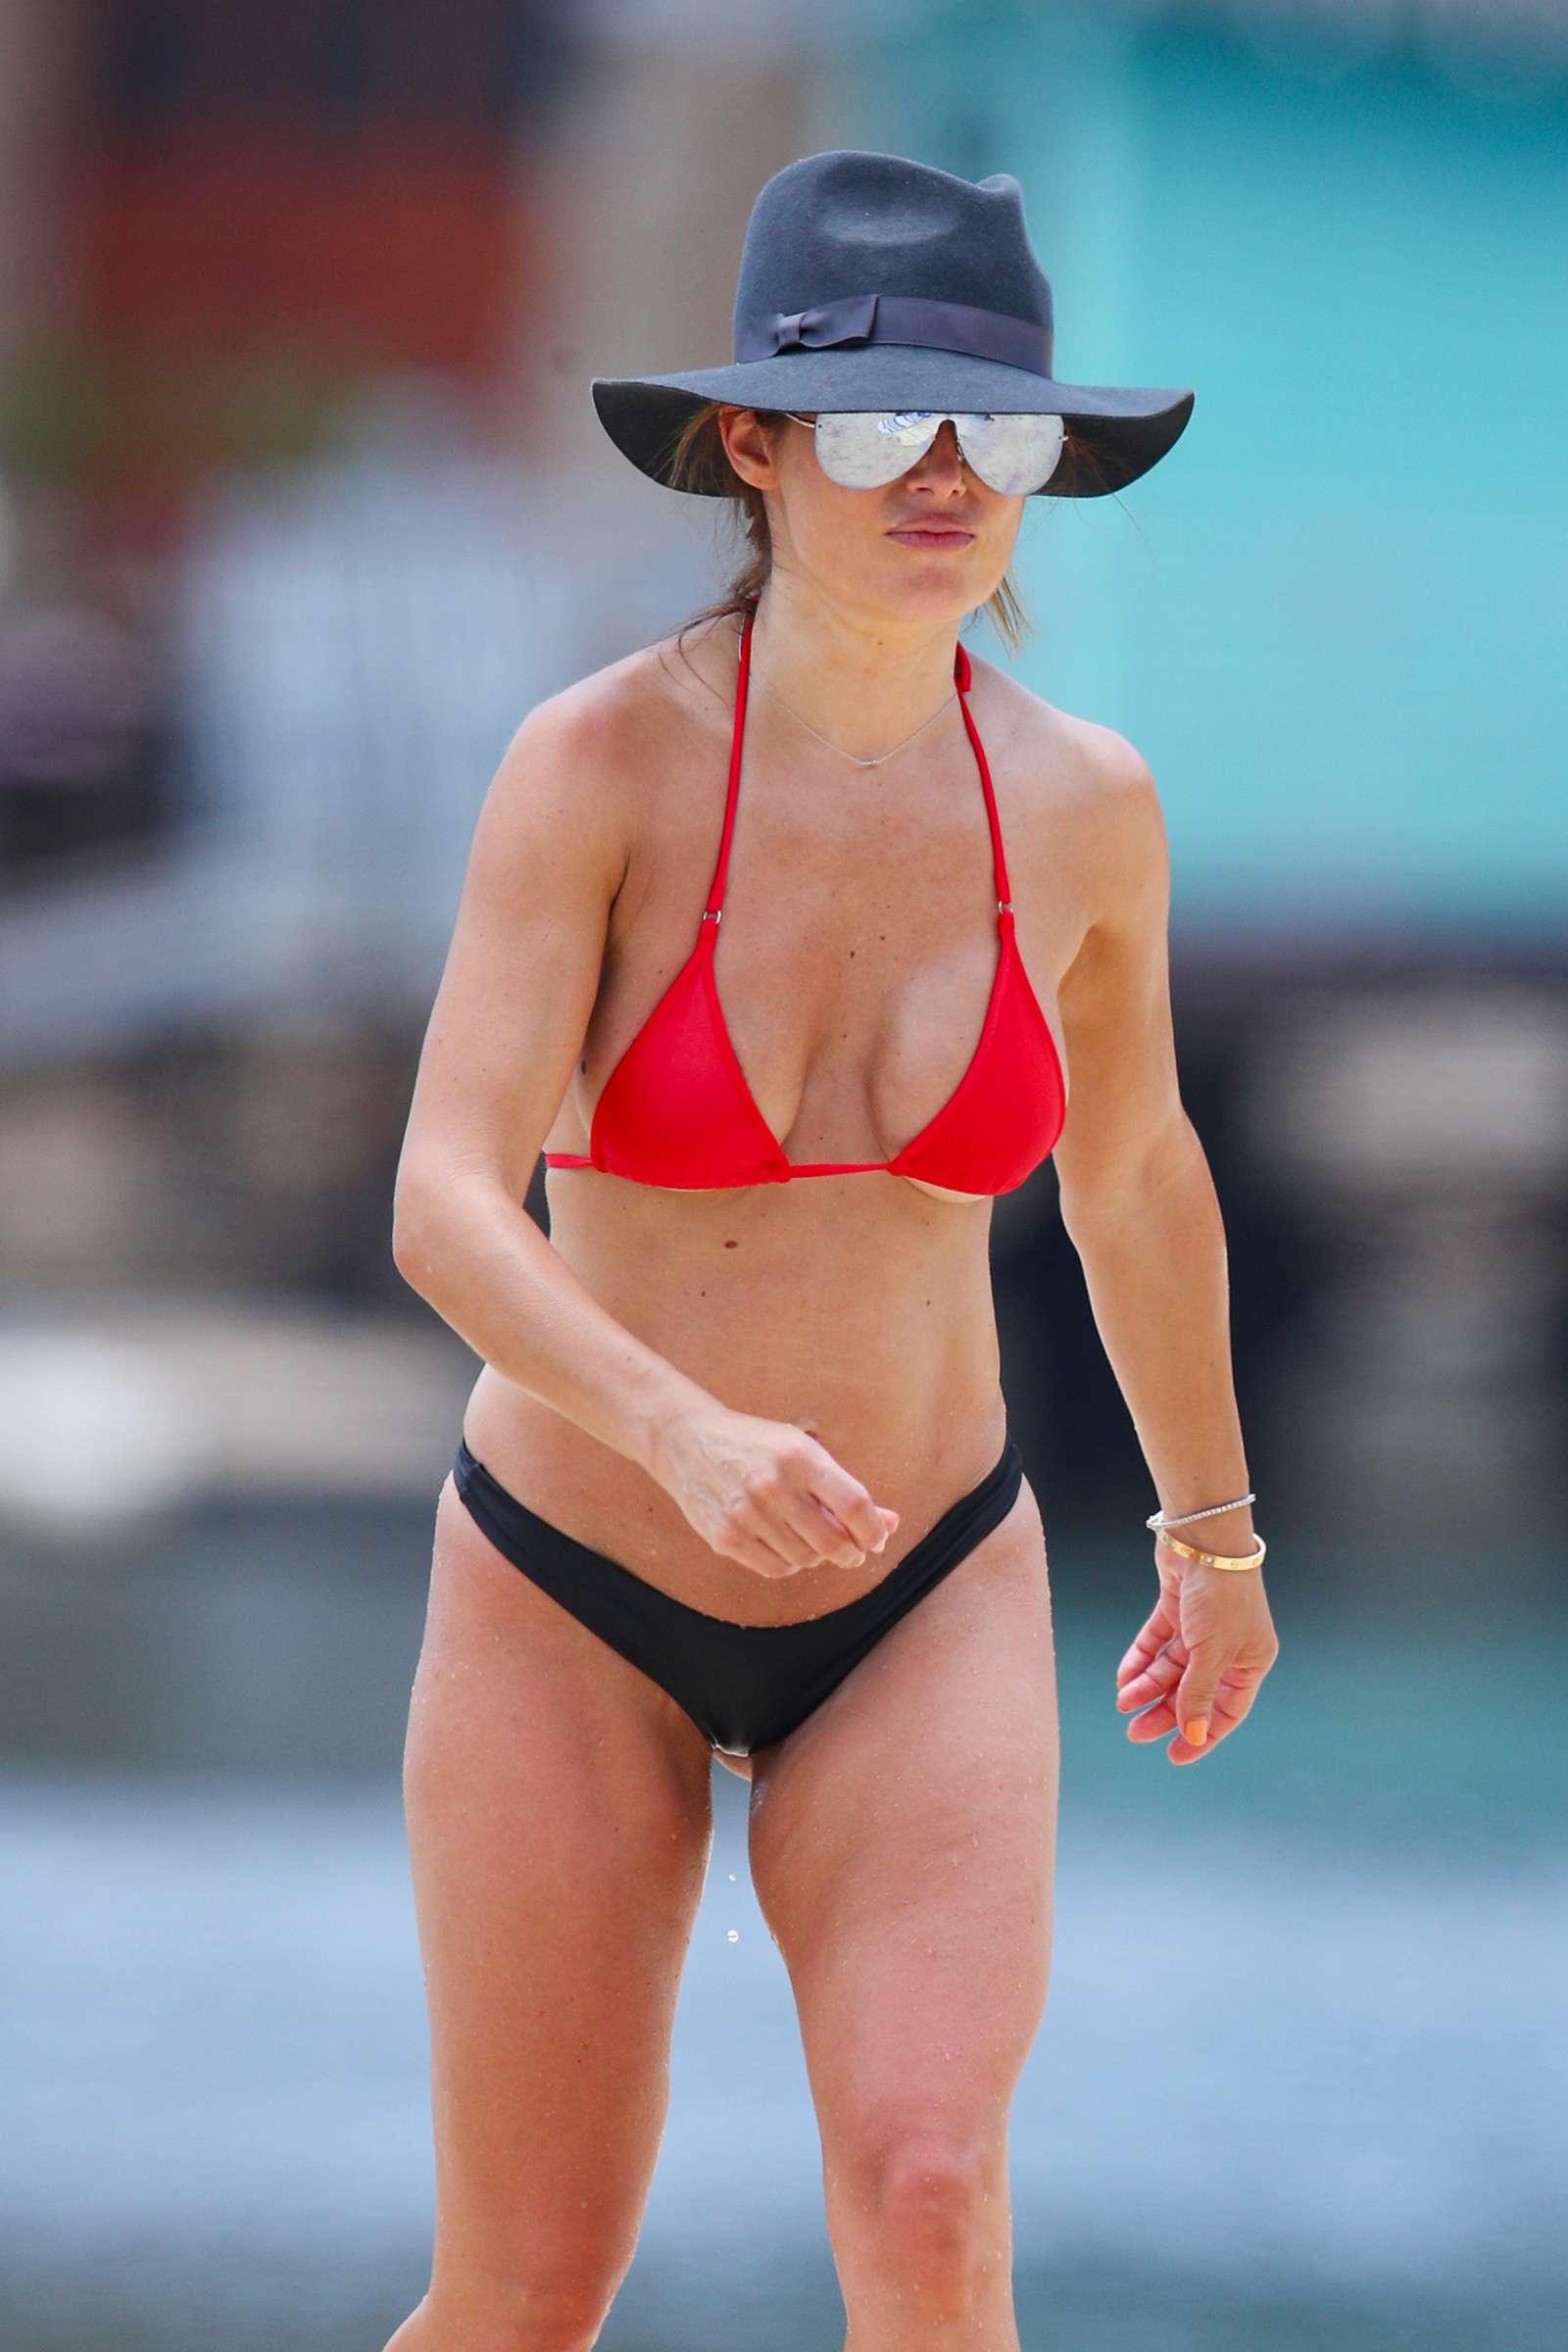 Ada Nicodemou in Black and Red Bikini at a beach in Sydney